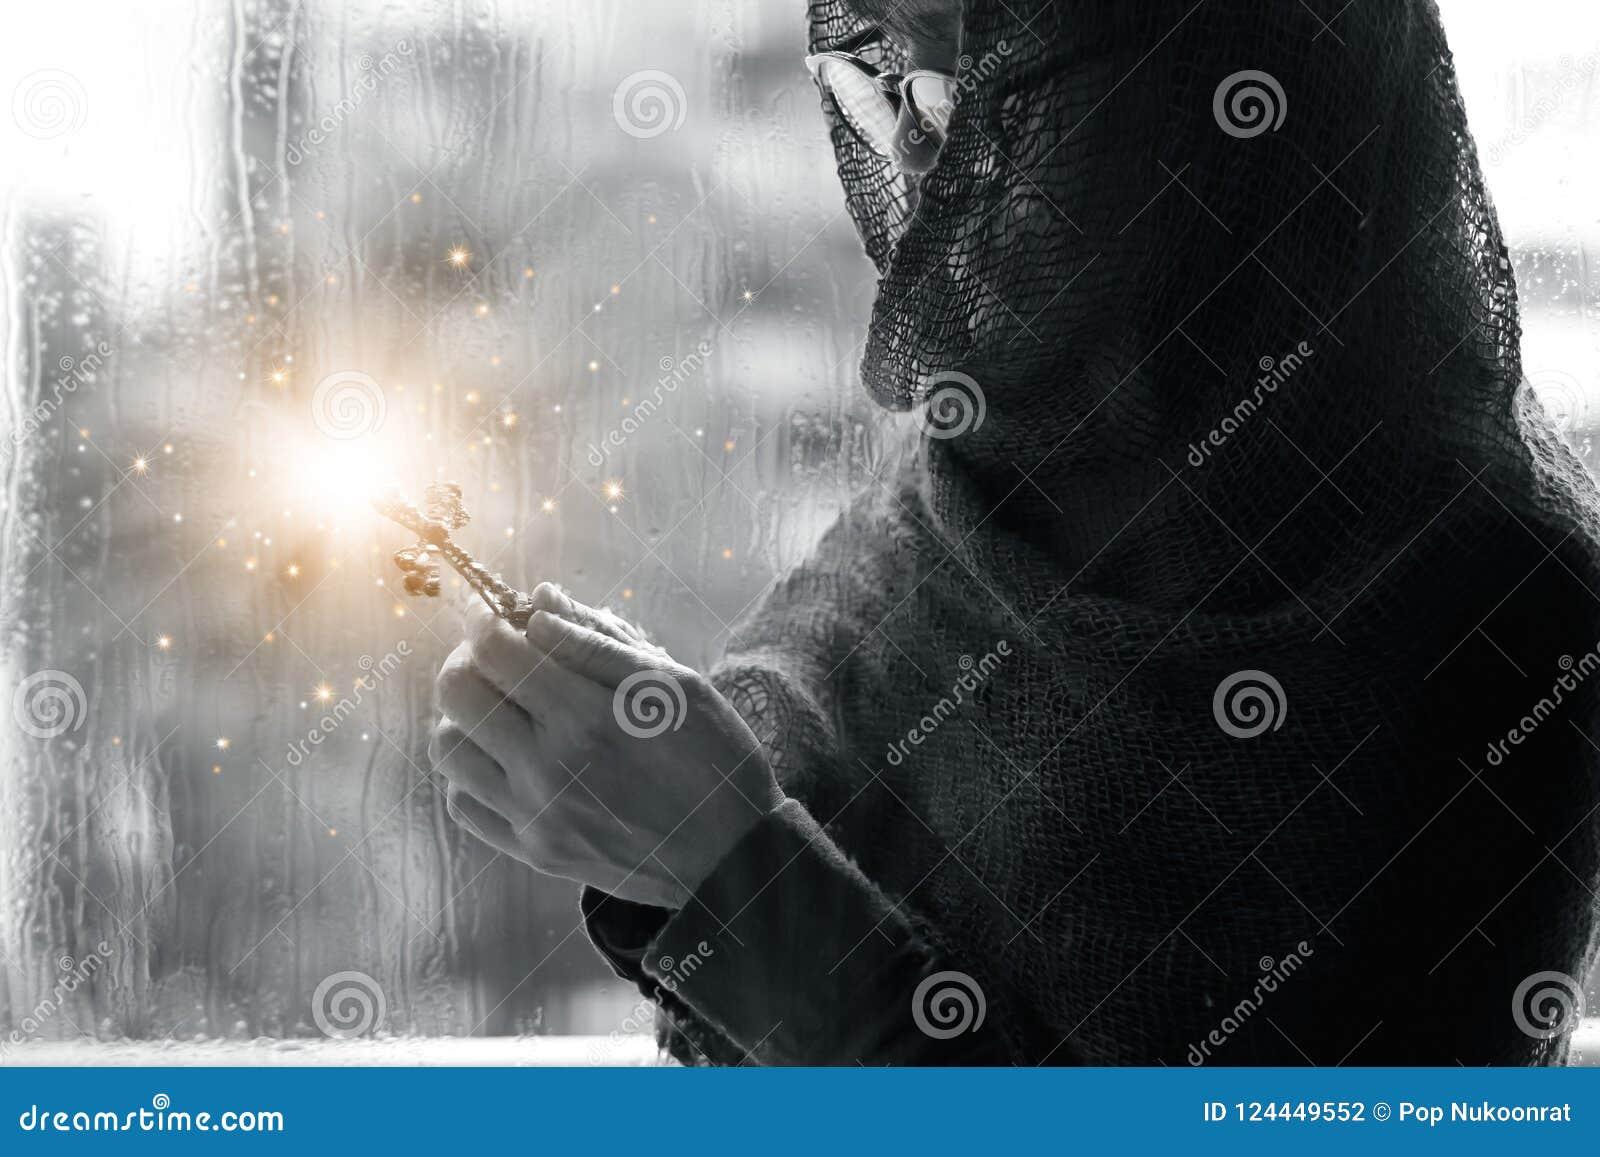 Христианская женщина с крестом в руках моля надежду и поклонение на предпосылке дождевой капли абстрактное освещение Bles терапие